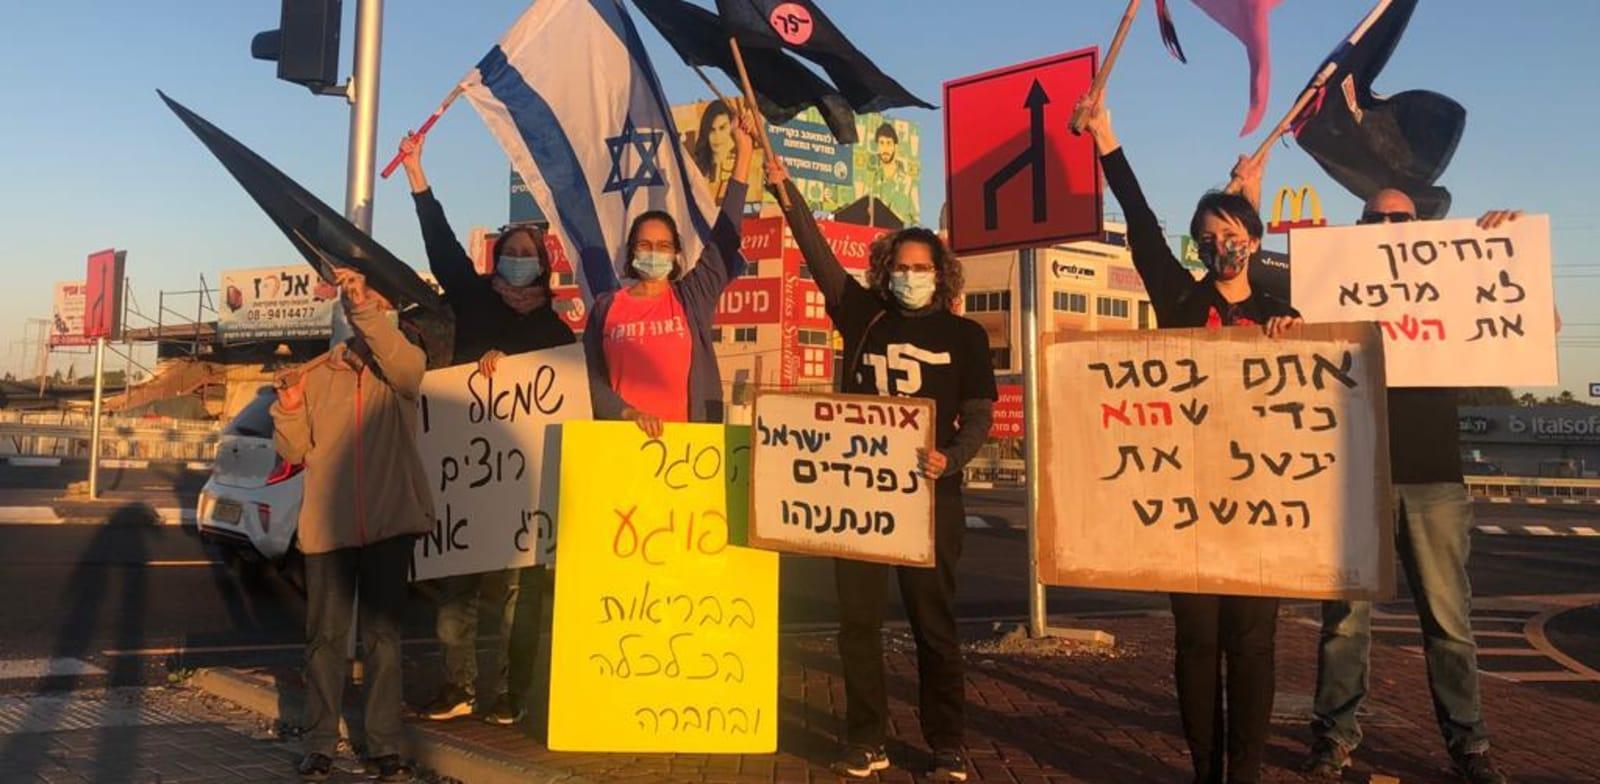 מחאת בלפור, השנה / צילום: הדגלים השחורים